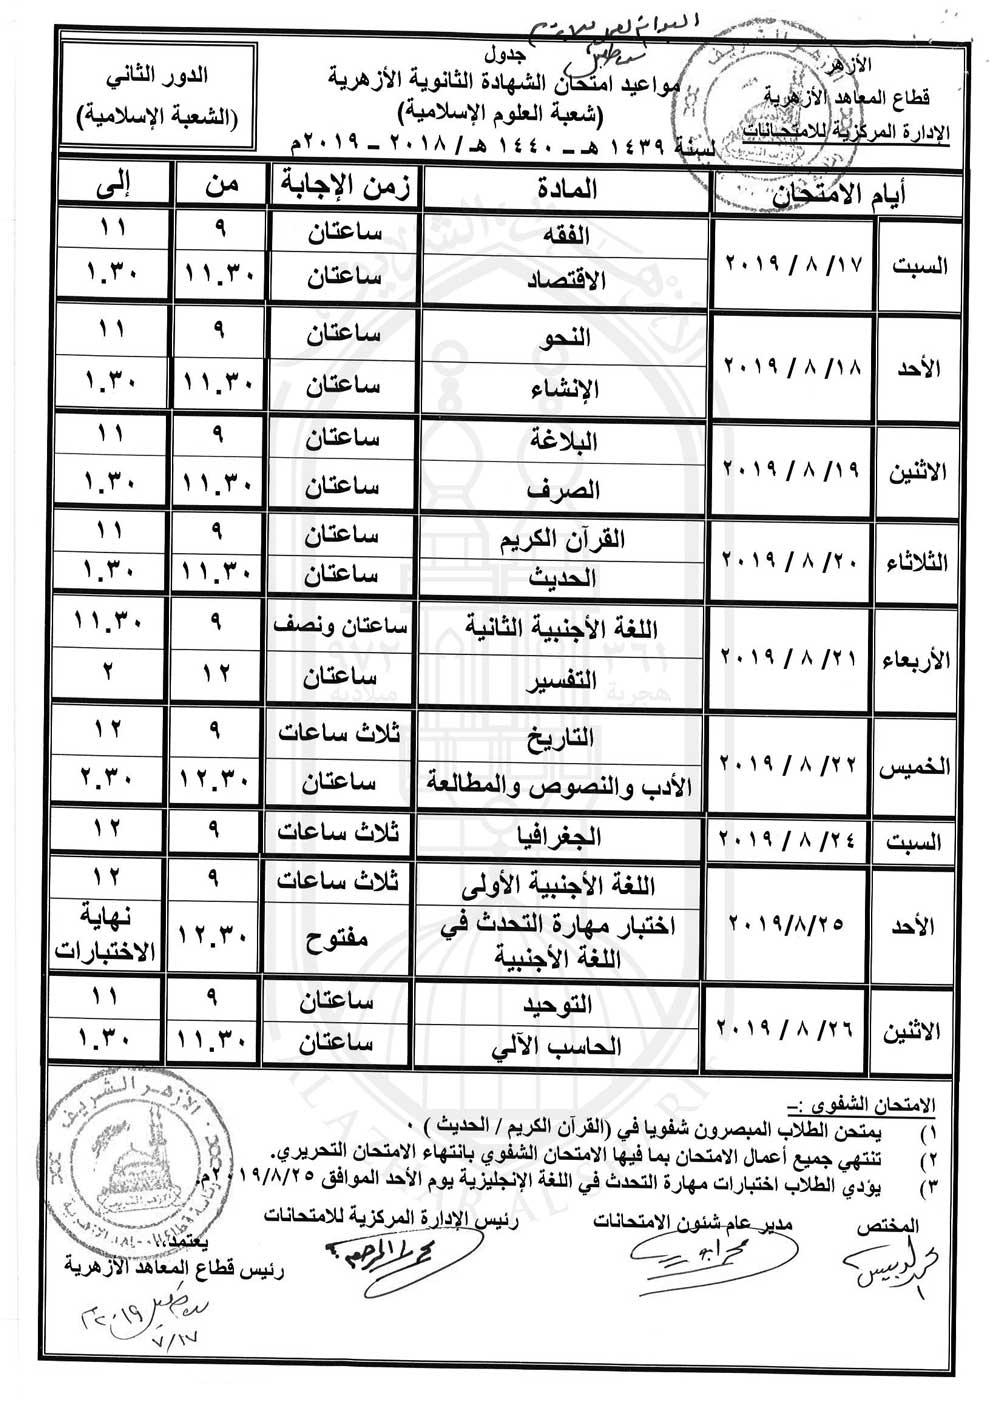 ثانوية-شعبة-دور-ثان-2019